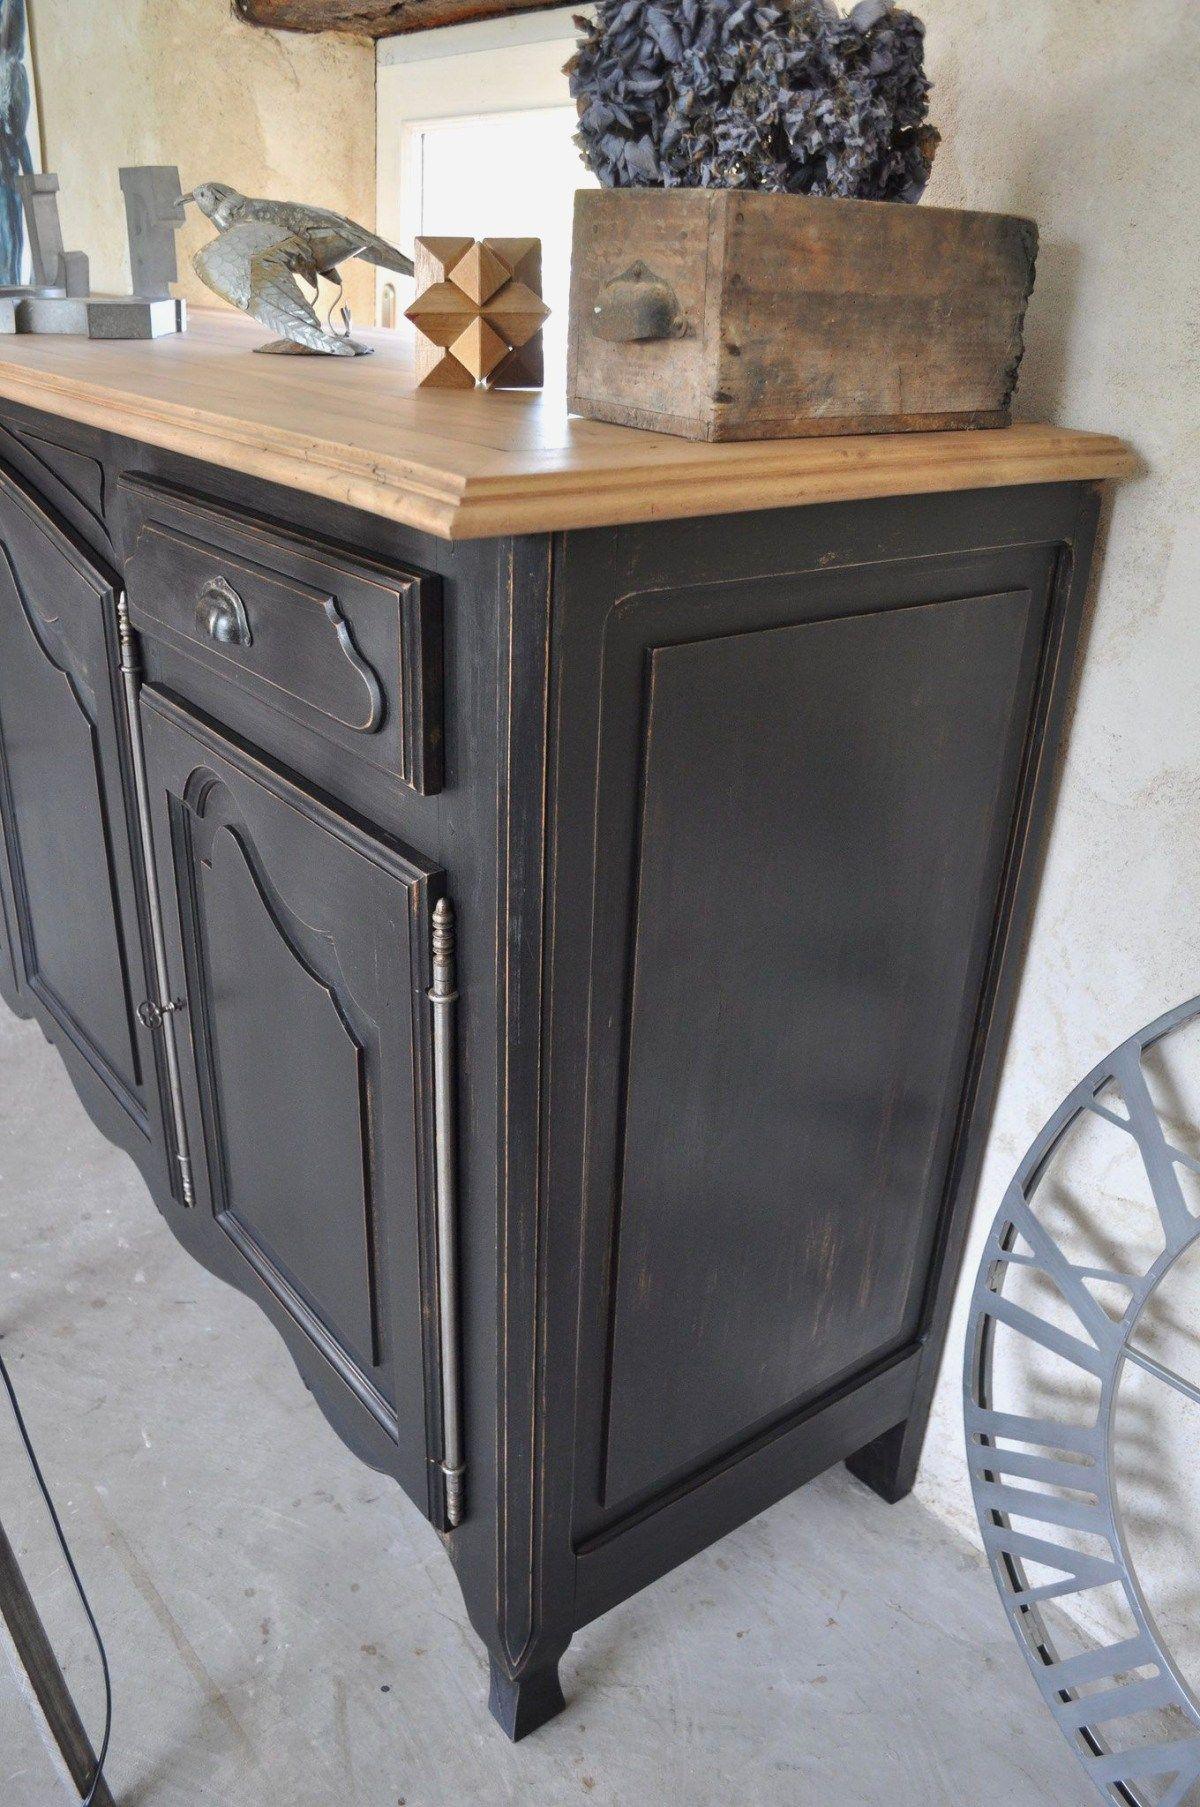 Elegant Le Bon Coin Ameublement Bretagne Painted Furniture Painting Furniture Diy Diy Furniture